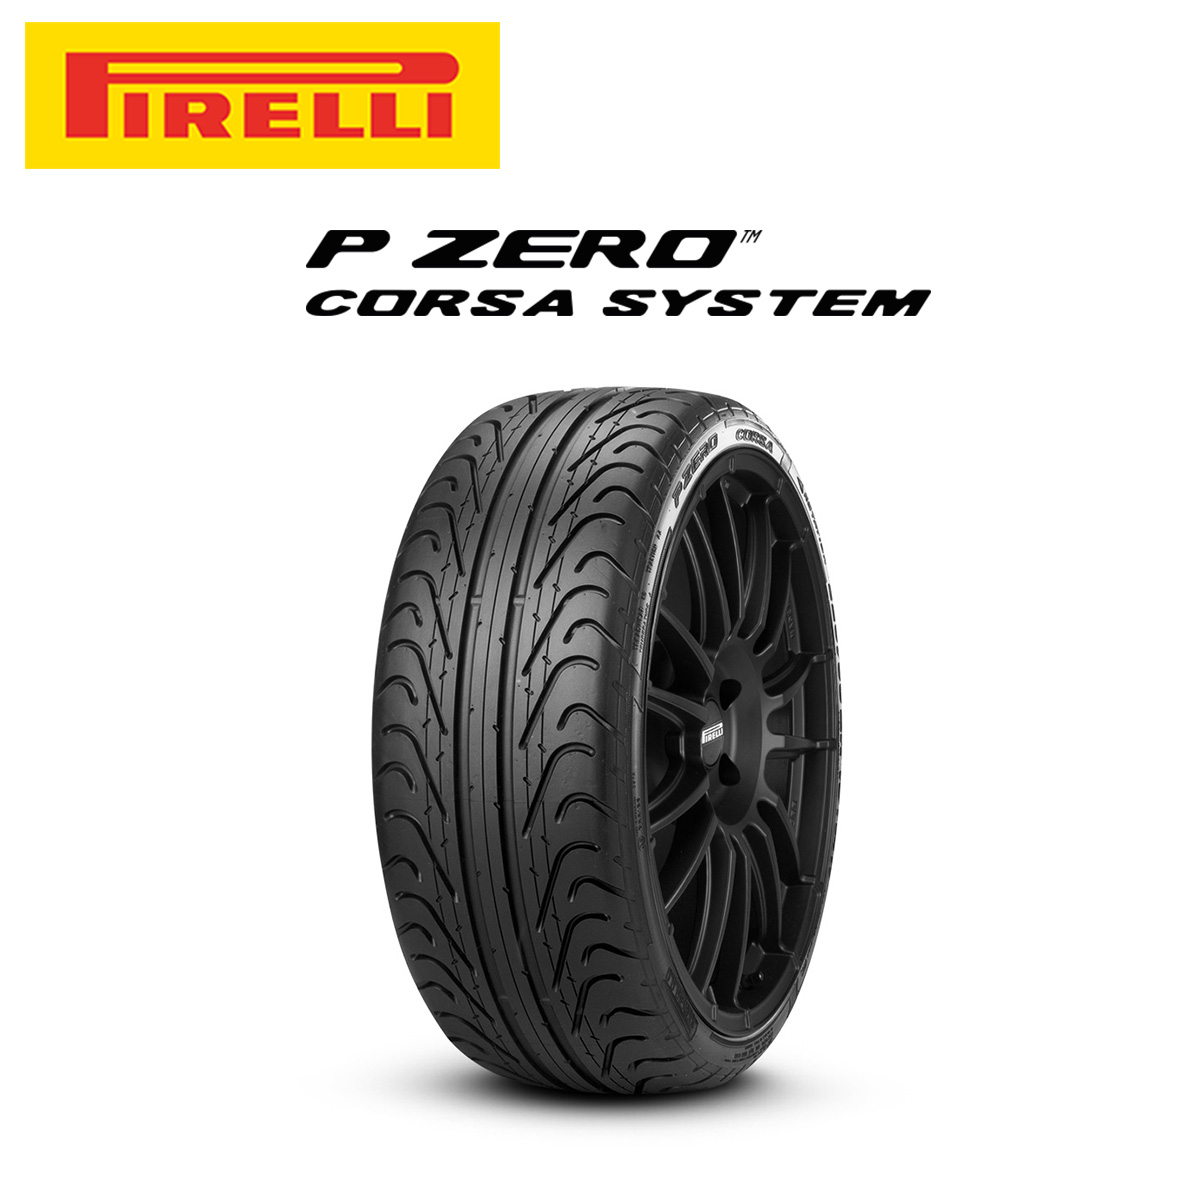 ピレリ PIRELLI P ZERO CORSA ピーゼロコルサ 19インチ サマー タイヤ 4本 セット 225/35ZR19 88Y XL ncs MC:マクラーレン承認タイヤ 2519400